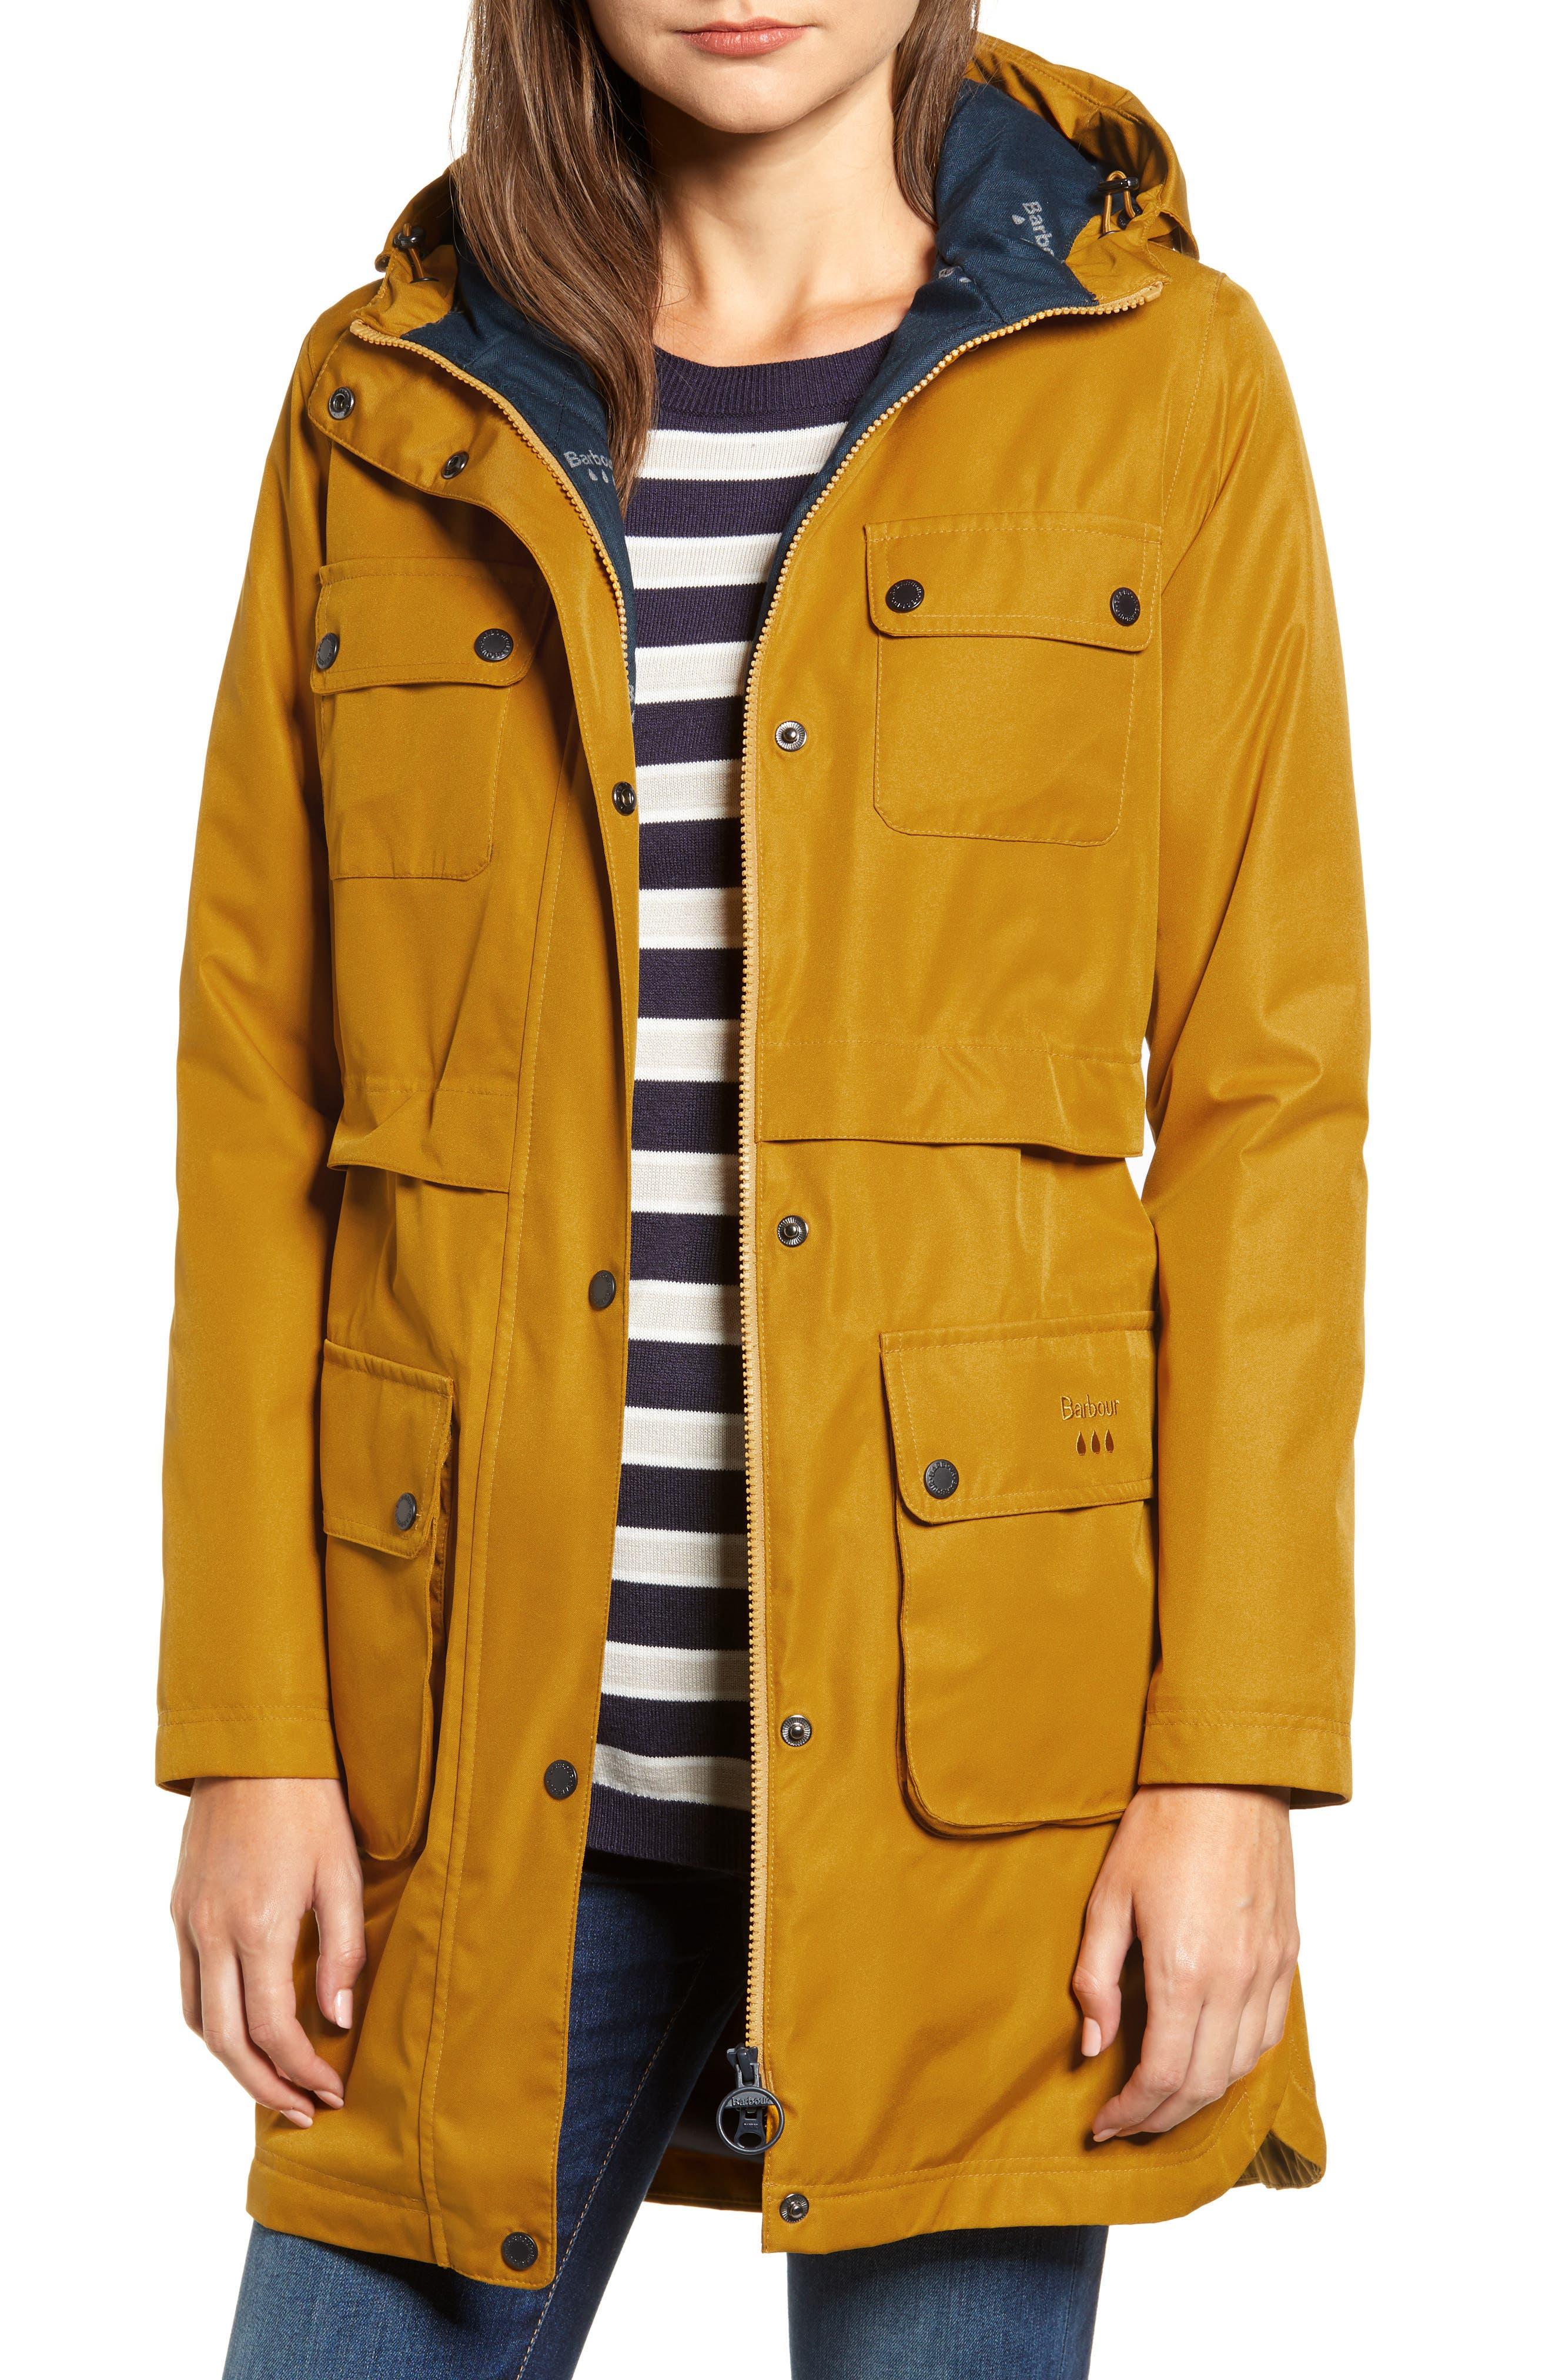 Barbour Isobar Waterproof Jacket, US / 8 UK - Yellow